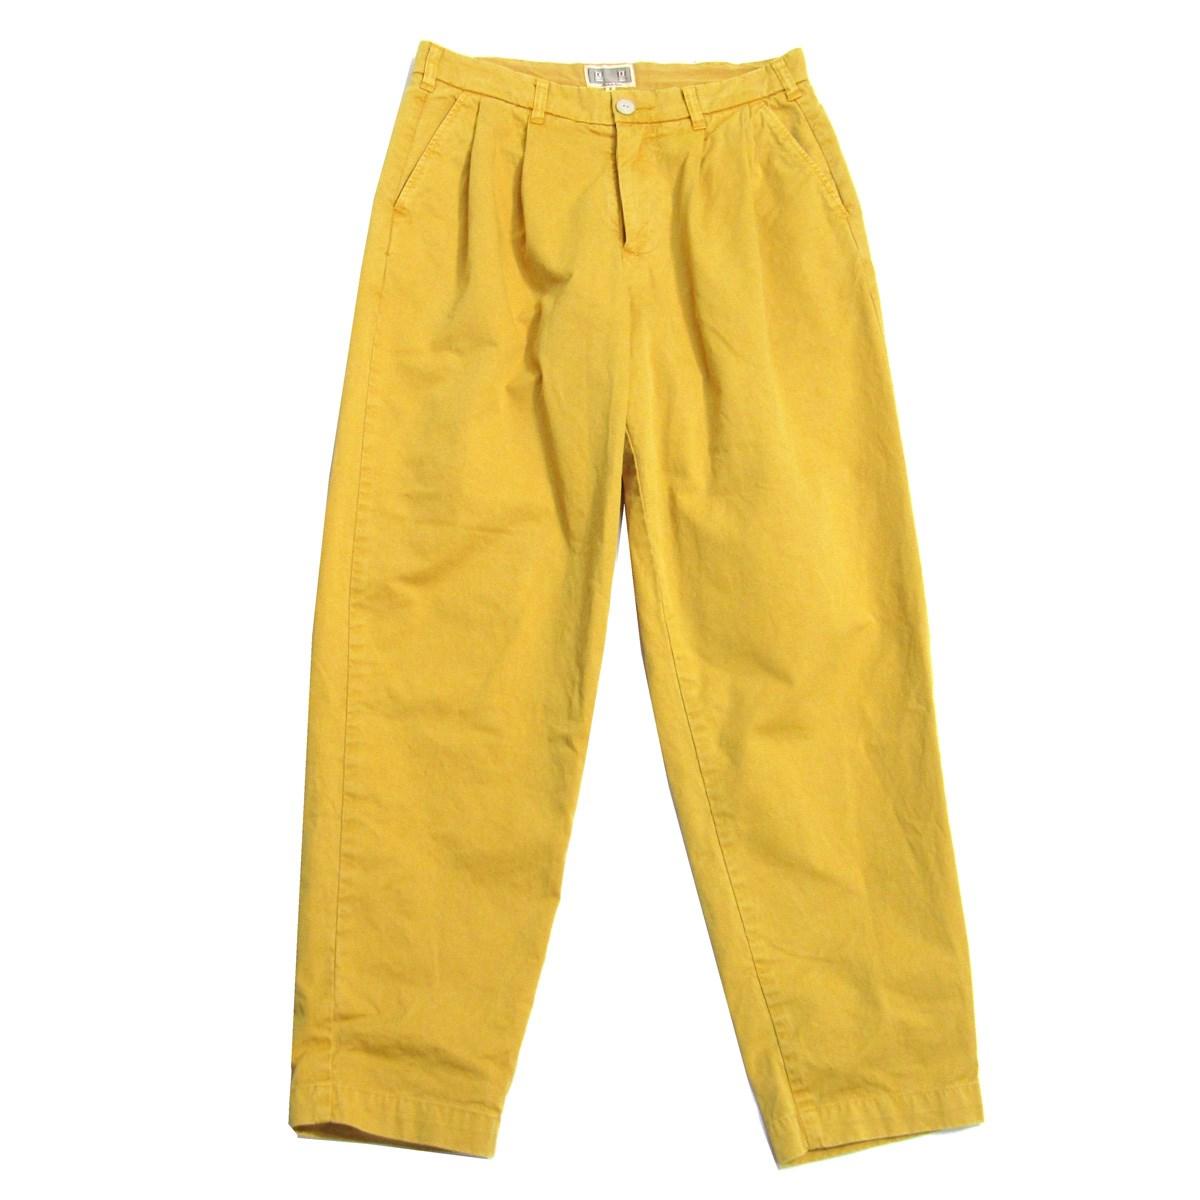 メンズファッション, ズボン・パンツ CECAVEMPT 1994 COLOUR CORDS YELLOW S 511